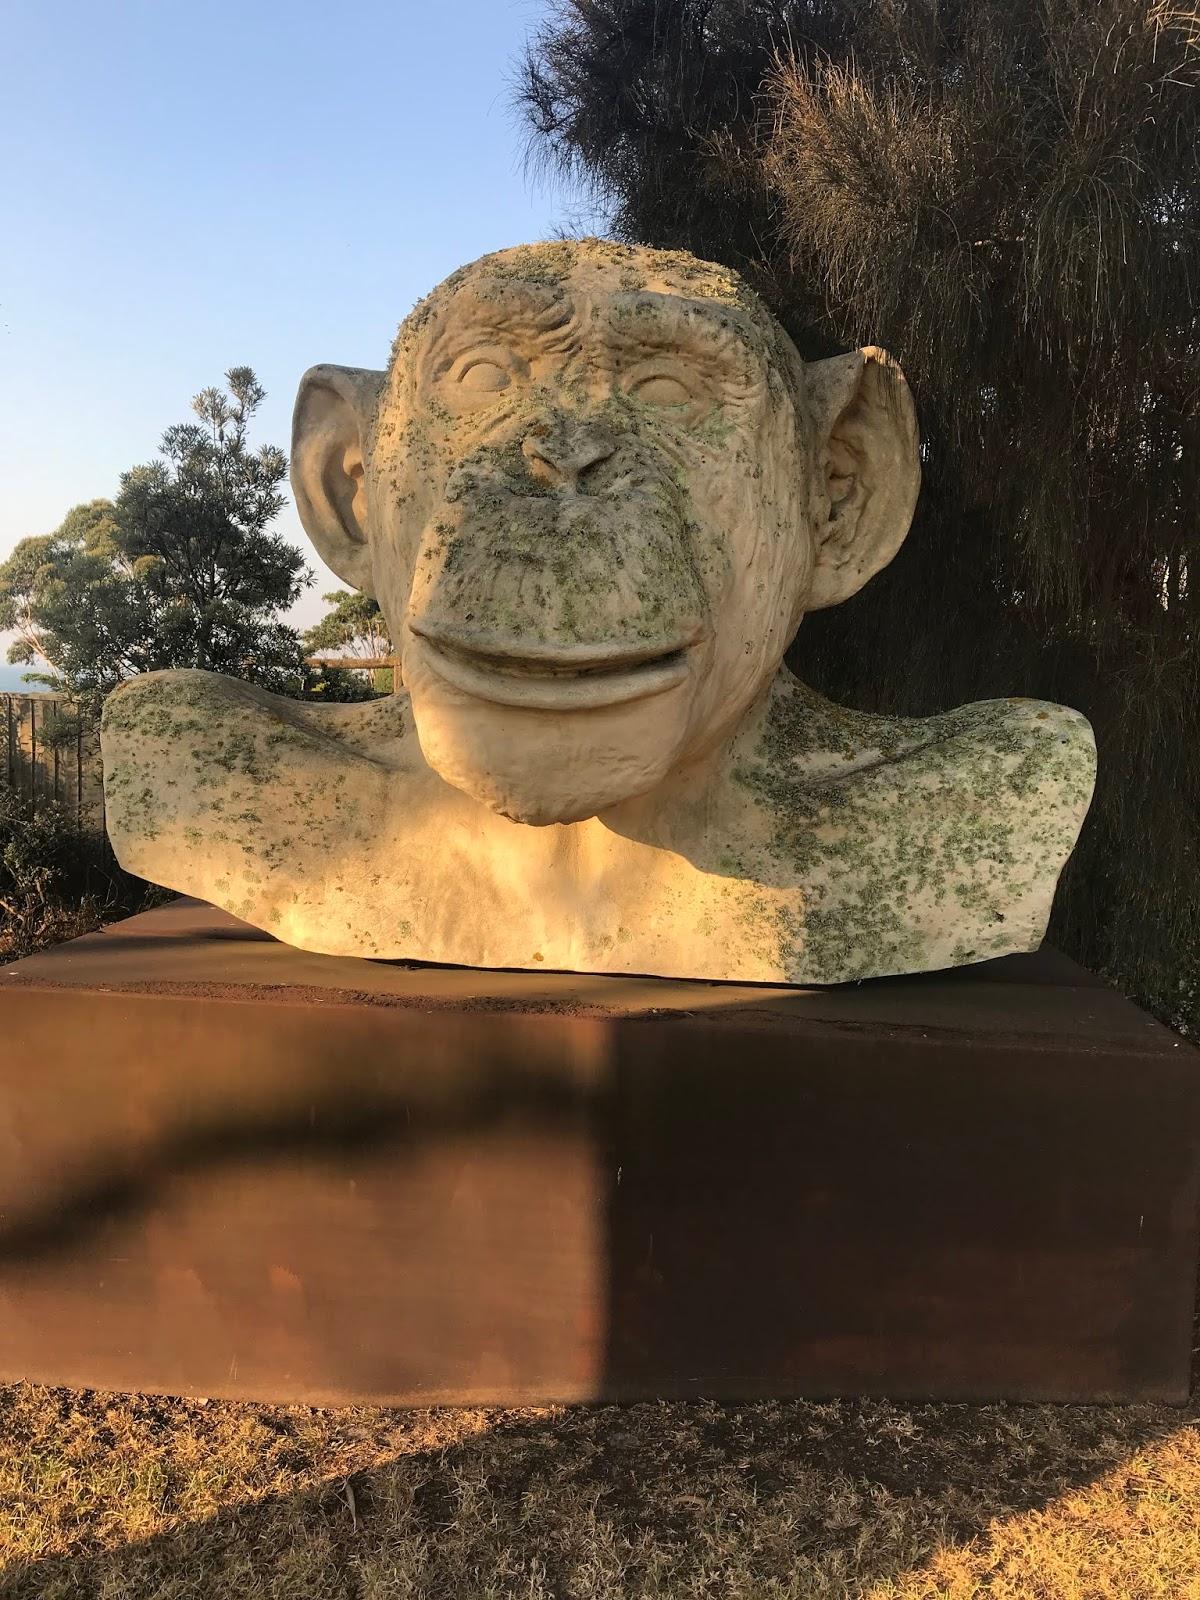 Sculpture, Mornington Peninsula, Melbourne